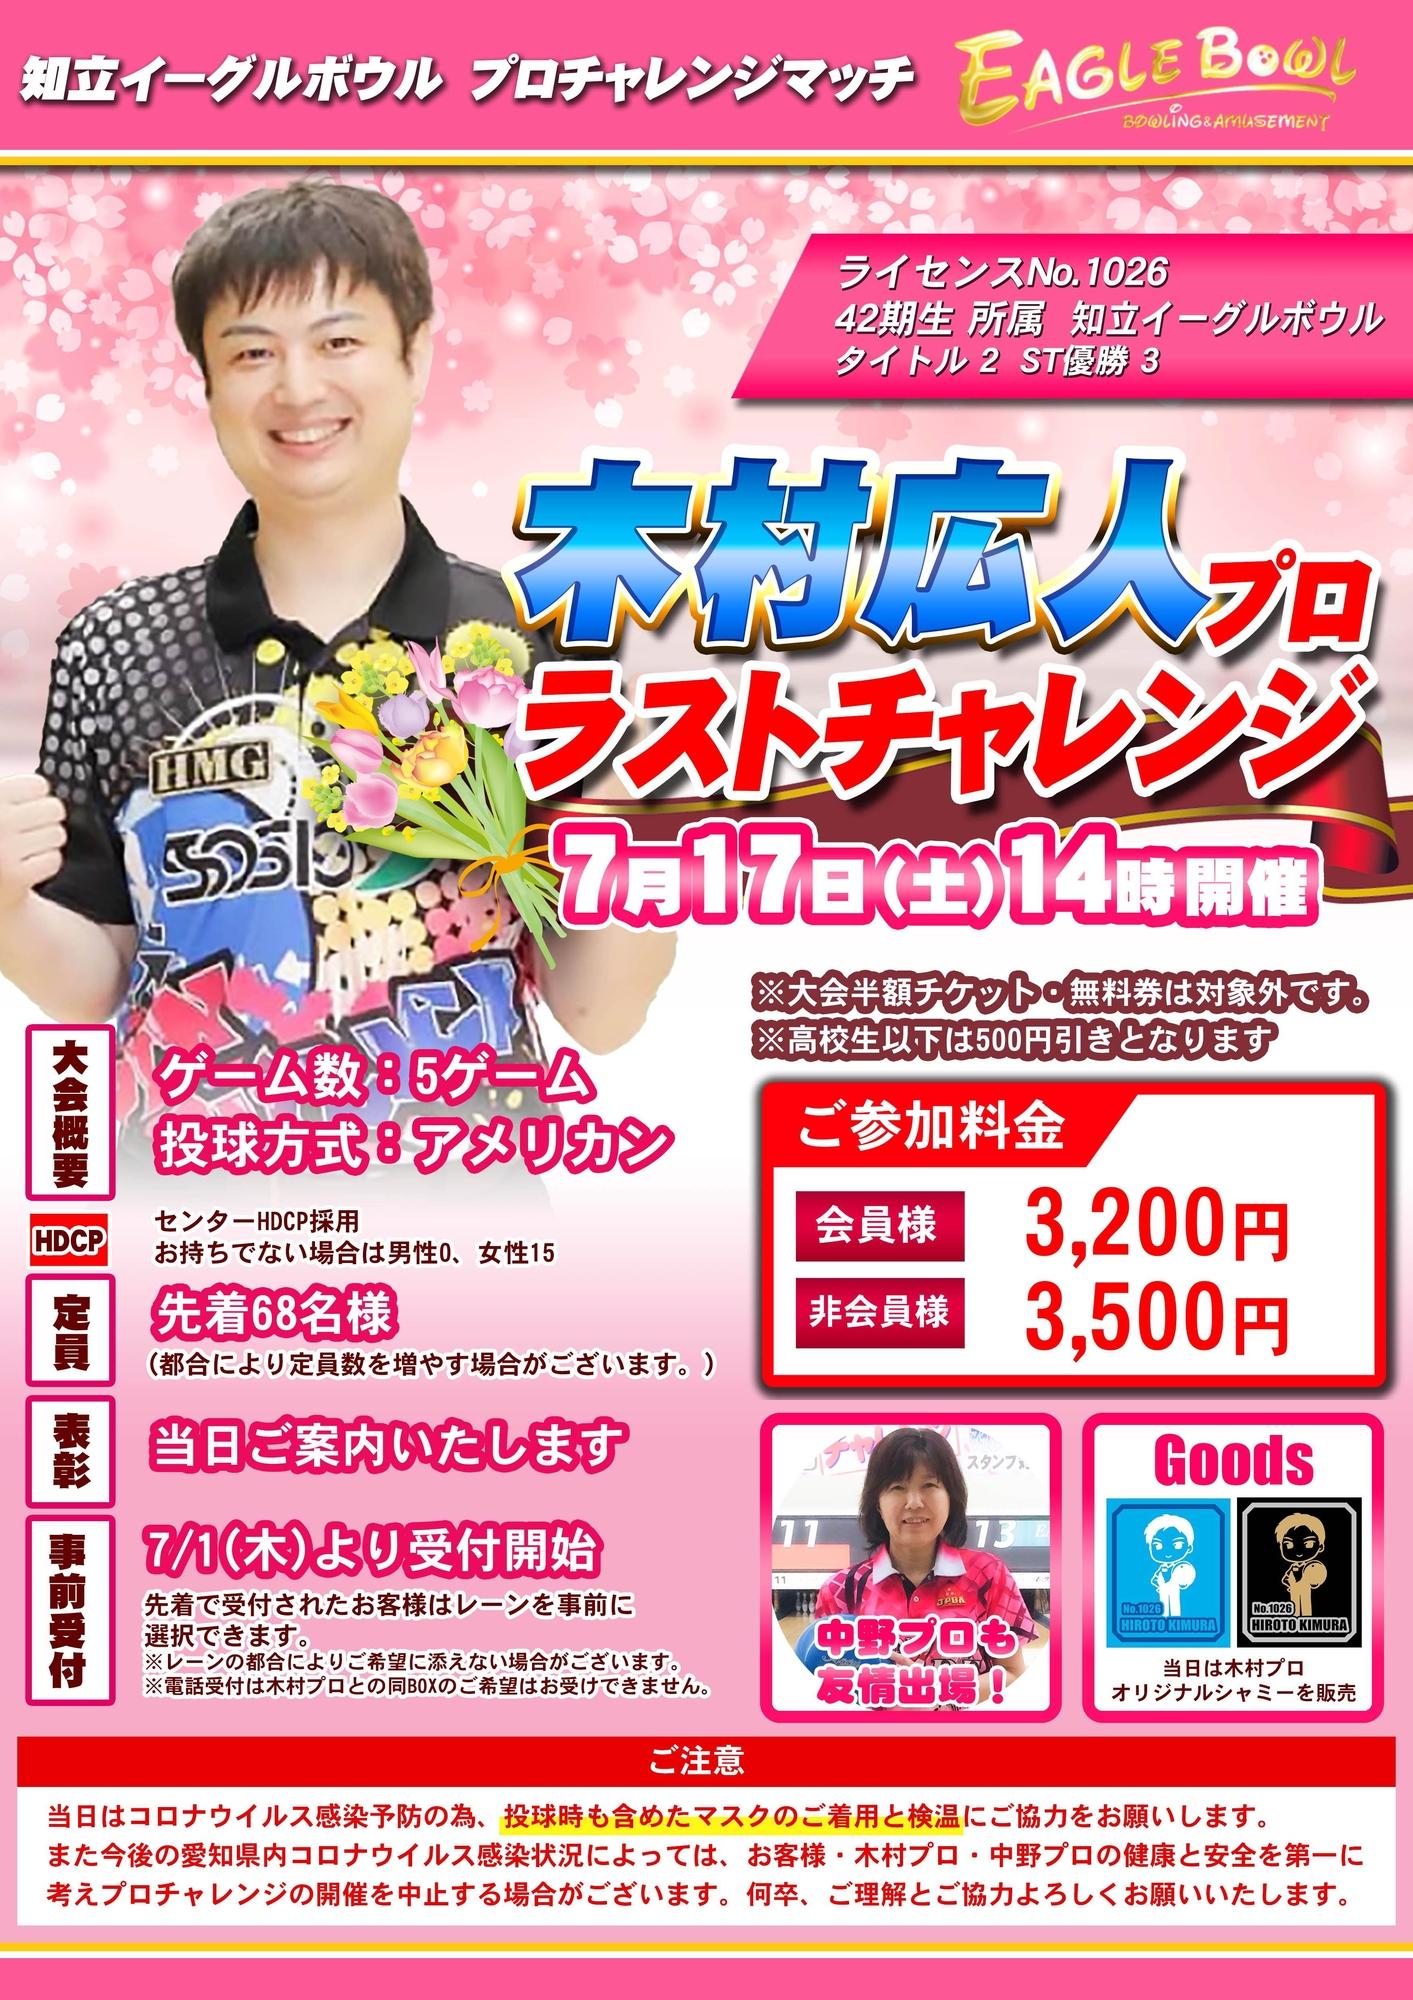 7/17 木村広人プロラストチャレンジ